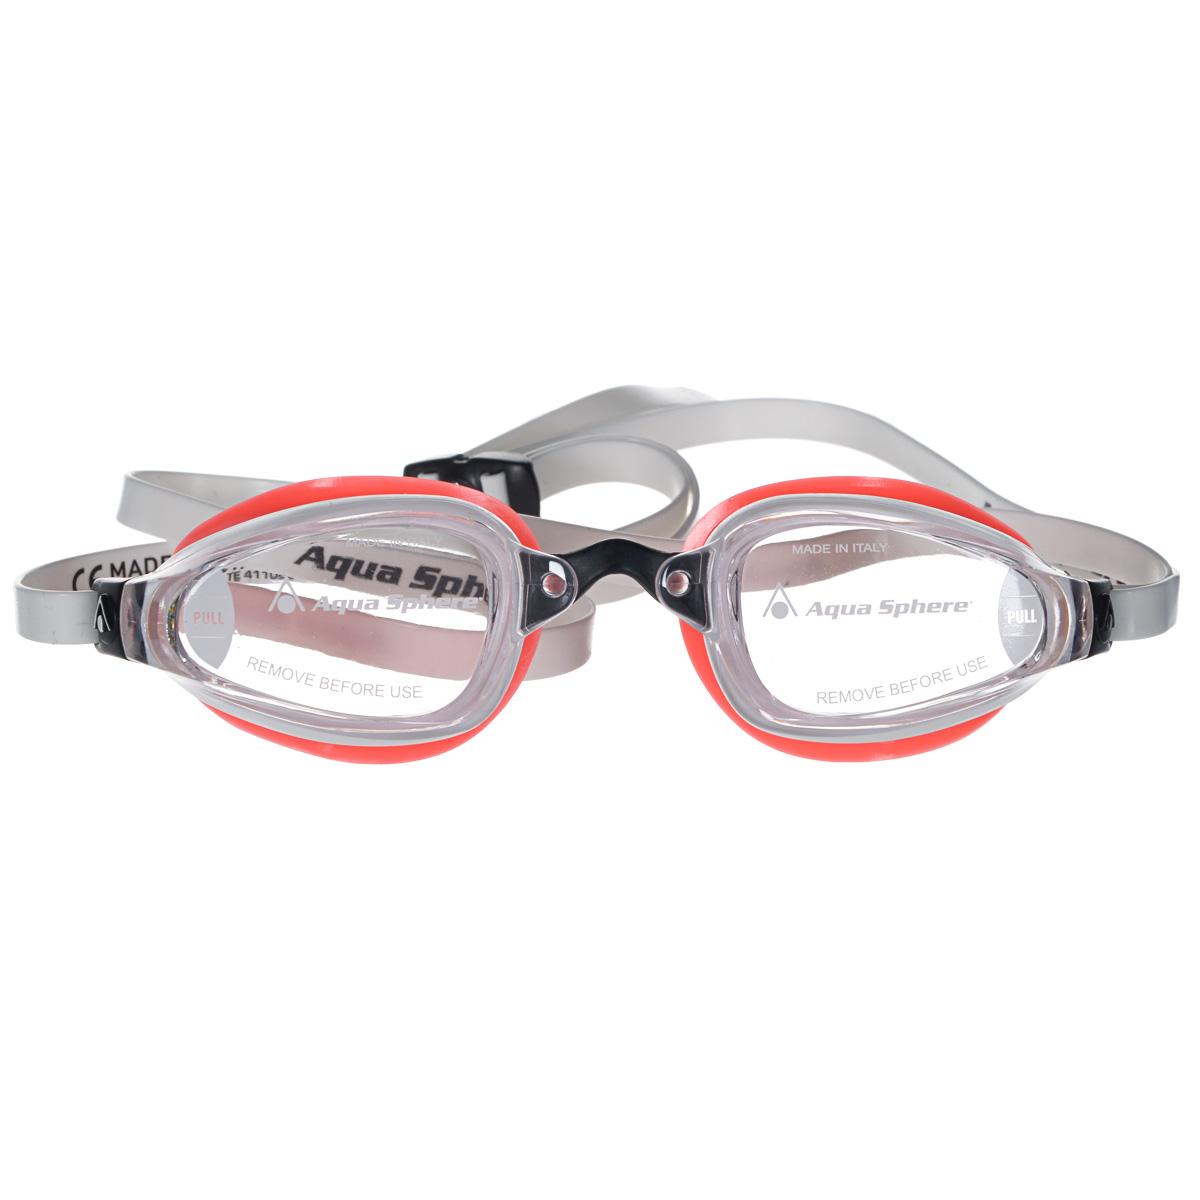 Очки для плавания Aqua Sphere K180 Lady, цвет: белый, розовый очки для плавания aqua sphere k180 lady цвет белый розовый